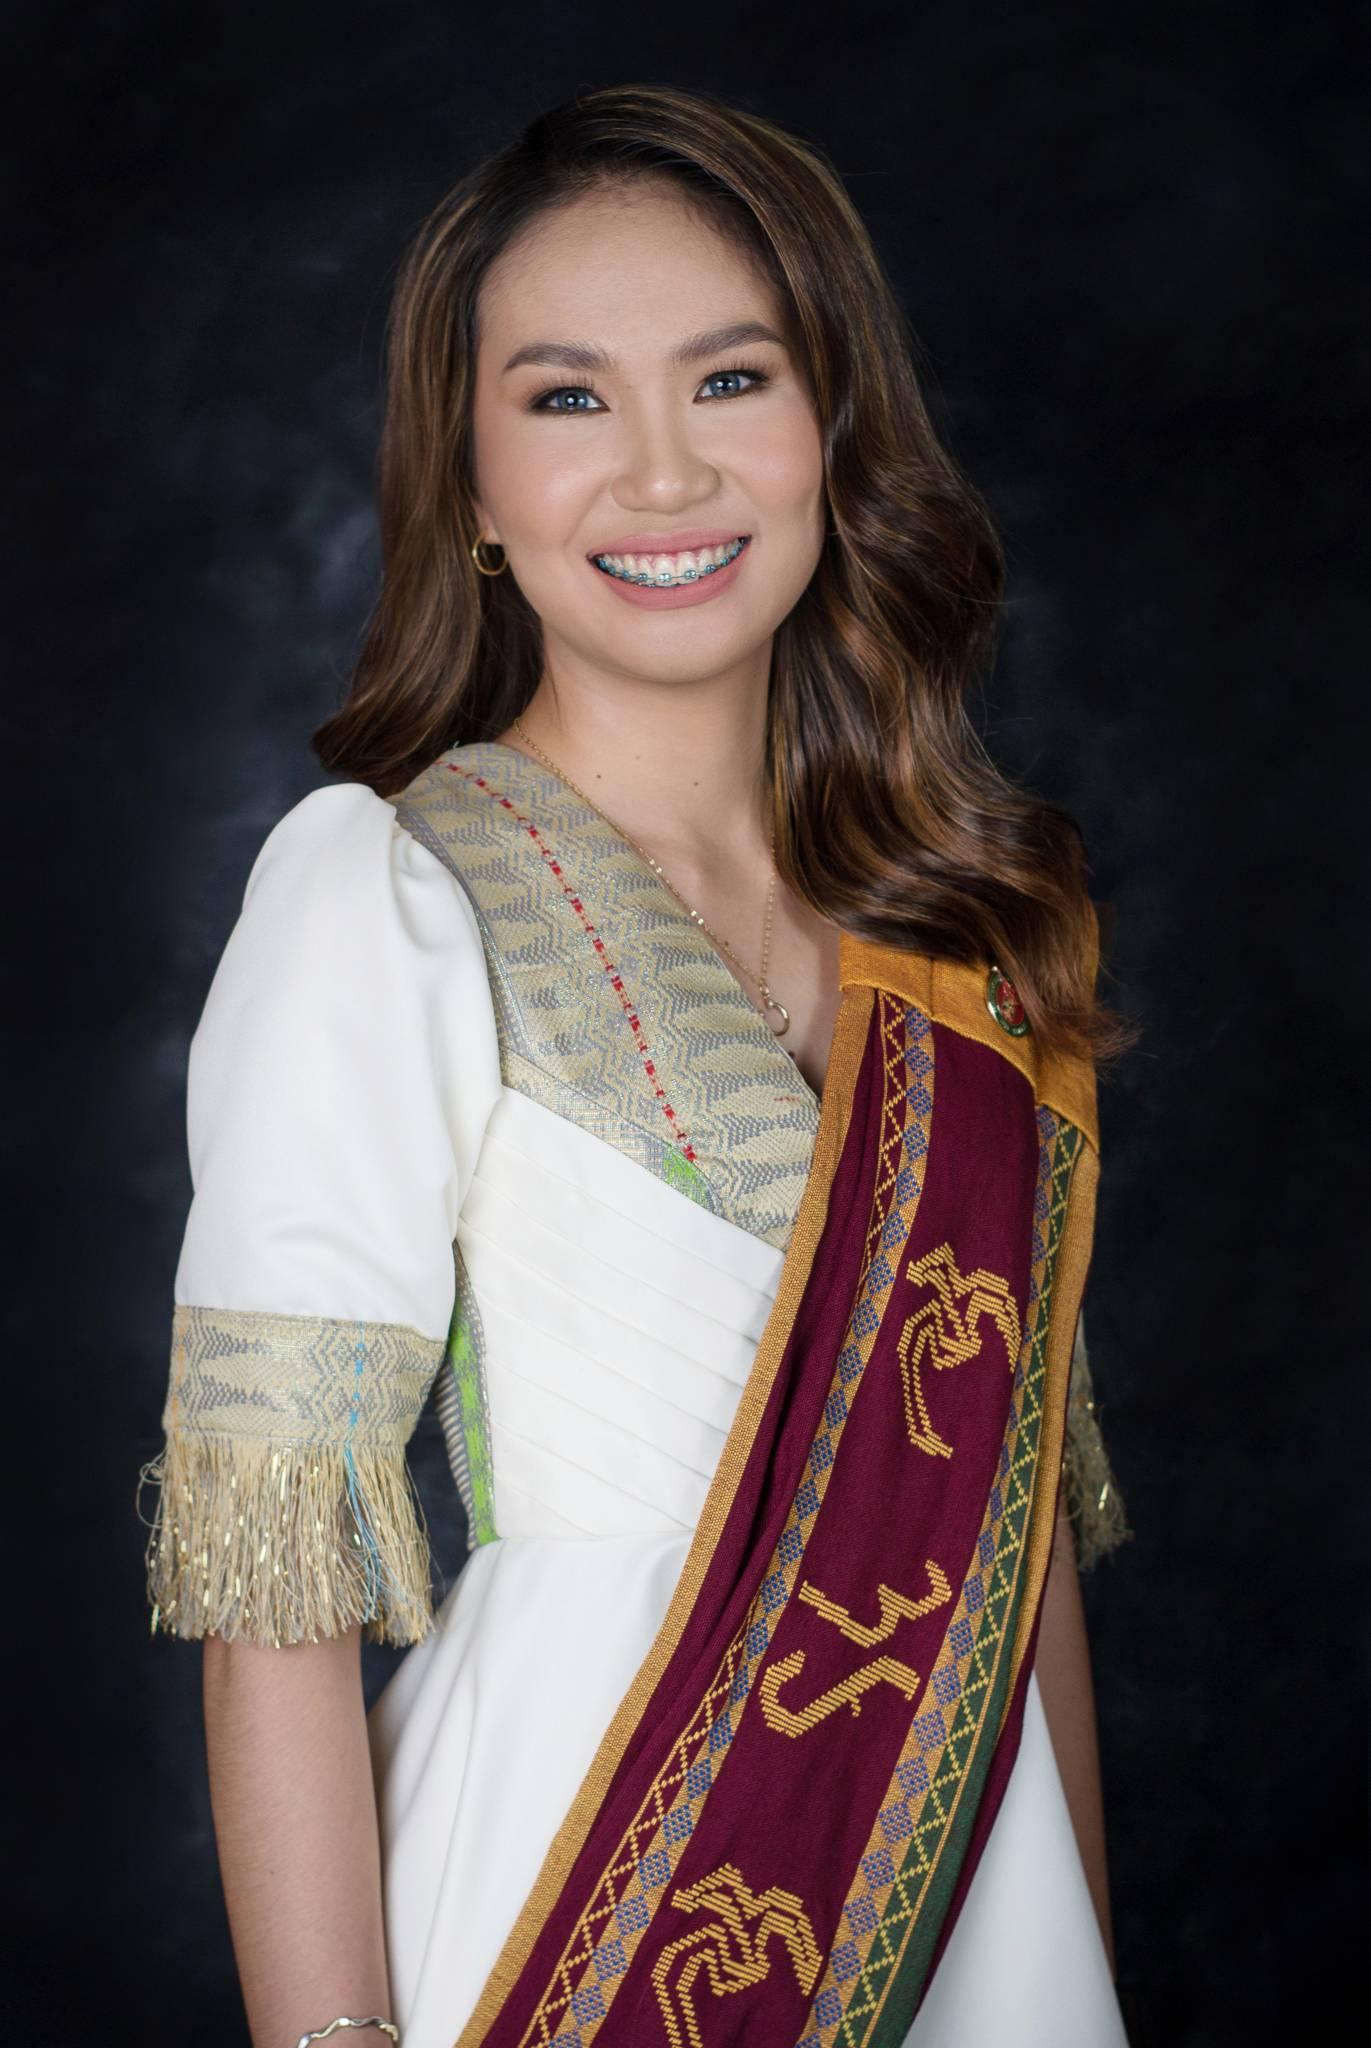 Dana Gabrielle B. Tautho